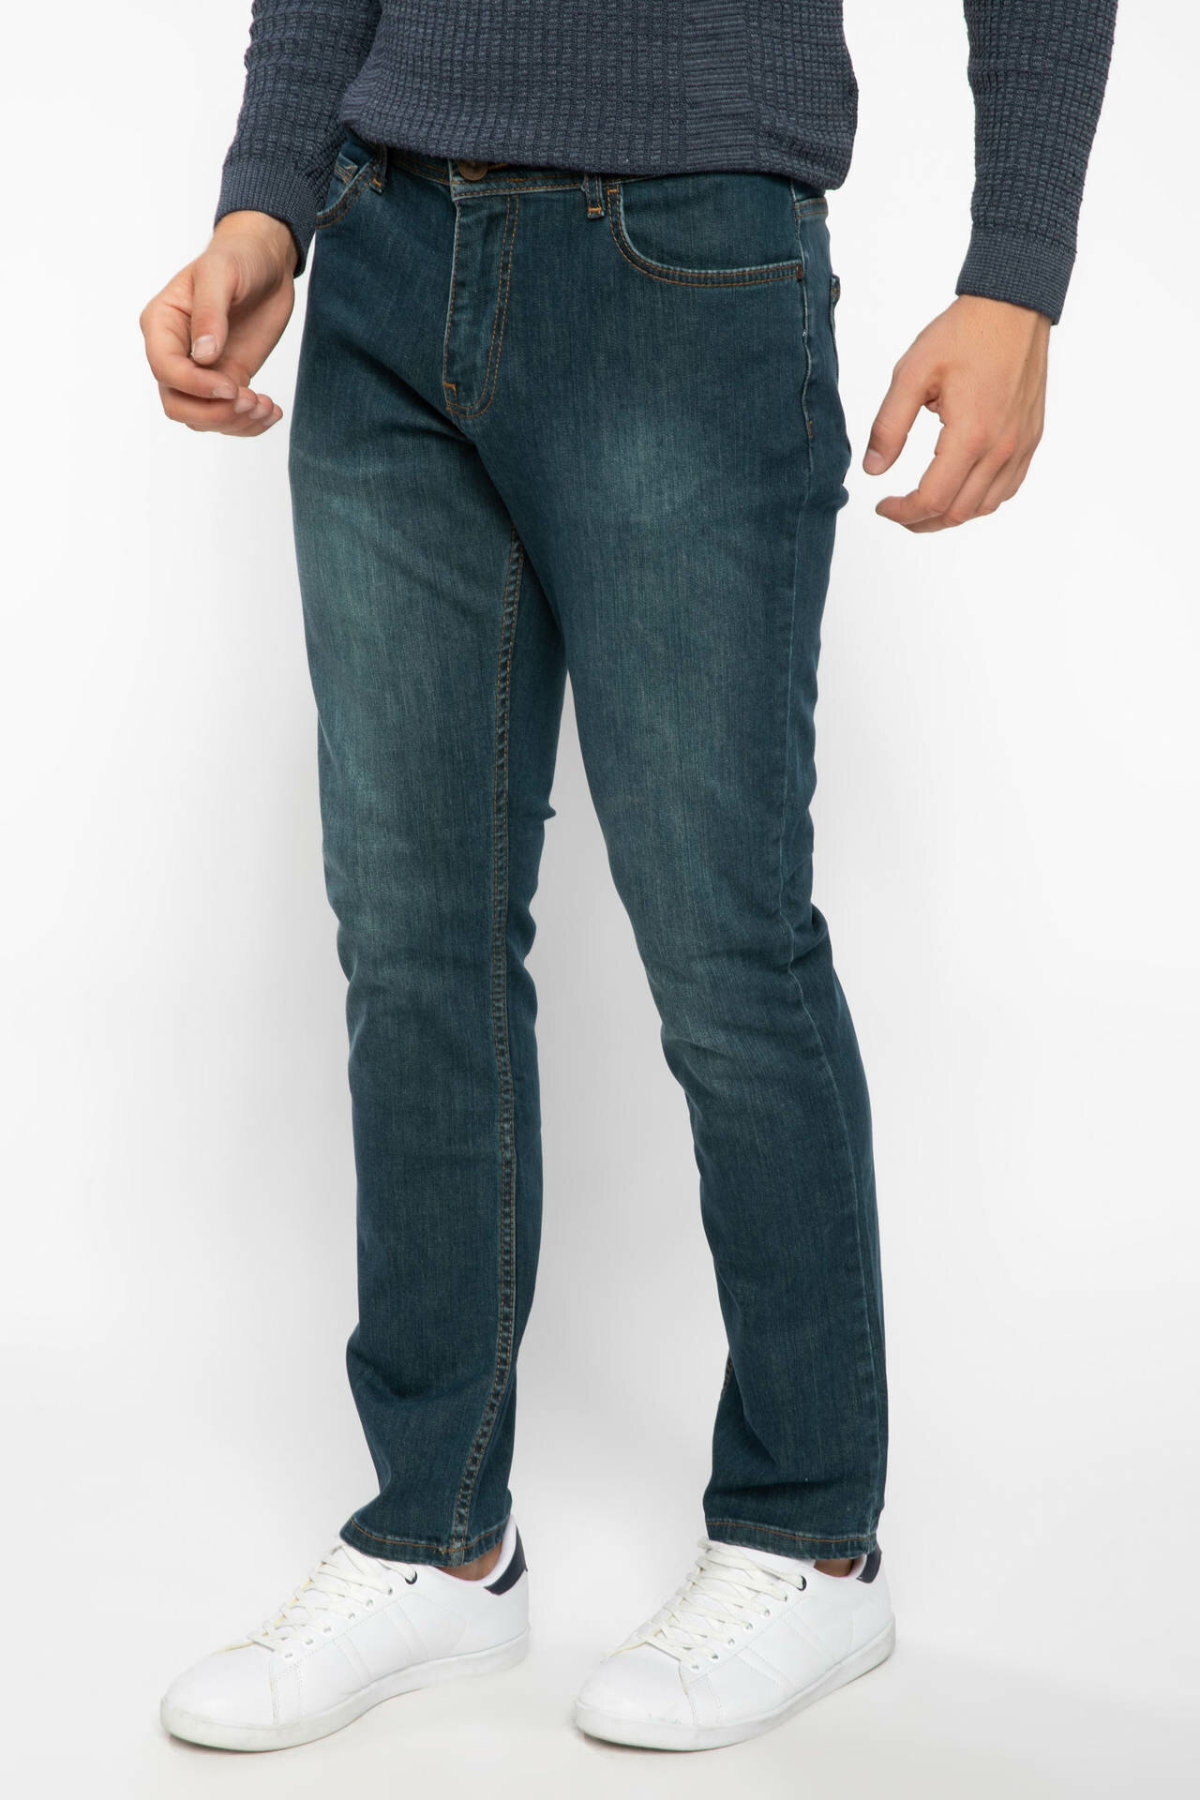 DeFacto Dark Blue Men Slim Fir Denim Jeans Pocket Low Waist Denim Long Pants Male Casual Trousers-J7751AZ18AU-J7751AZ18AU